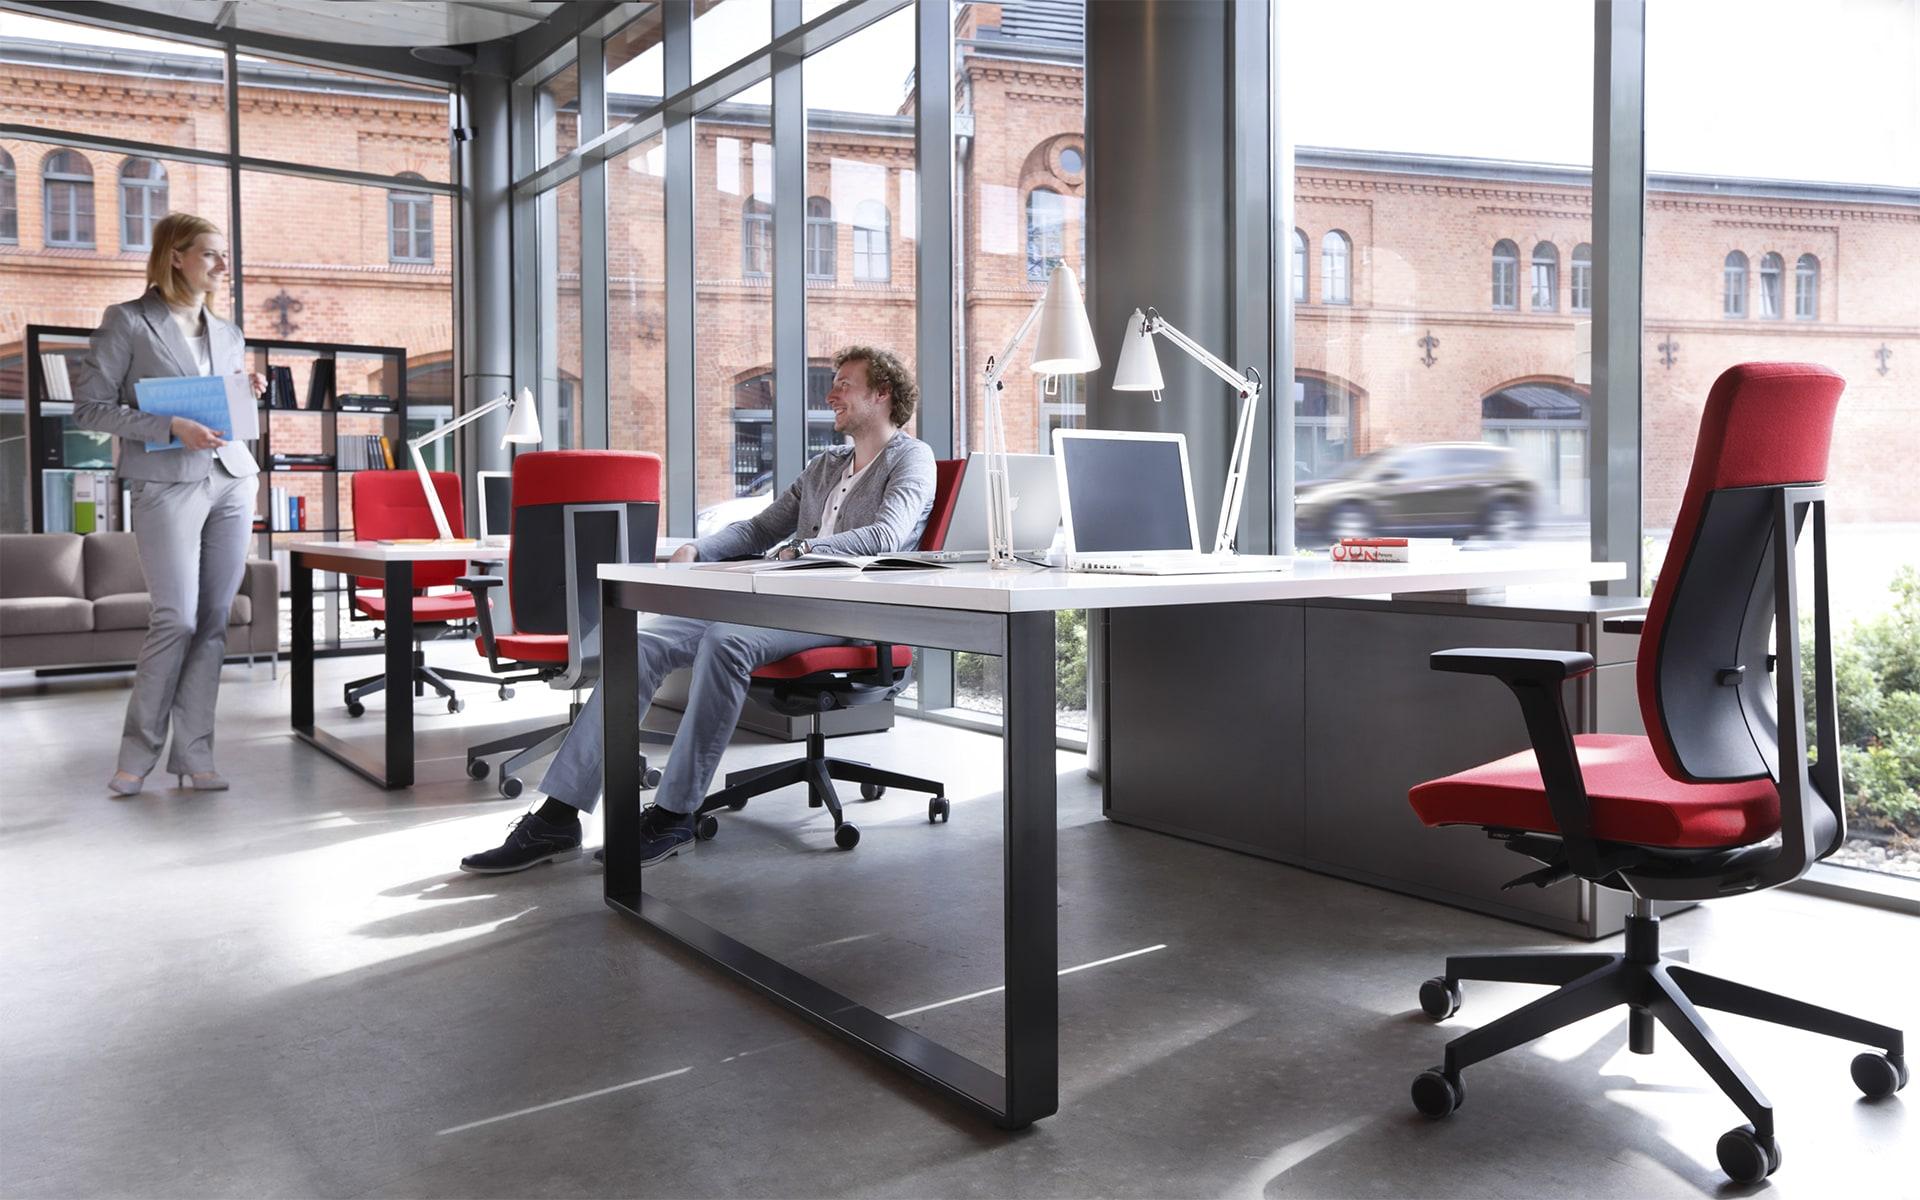 Mann und Frau an hellem Arbeitsplatz, der mit roten Profim Xenon Bürostühlen von ITO Design ausgestattet ist